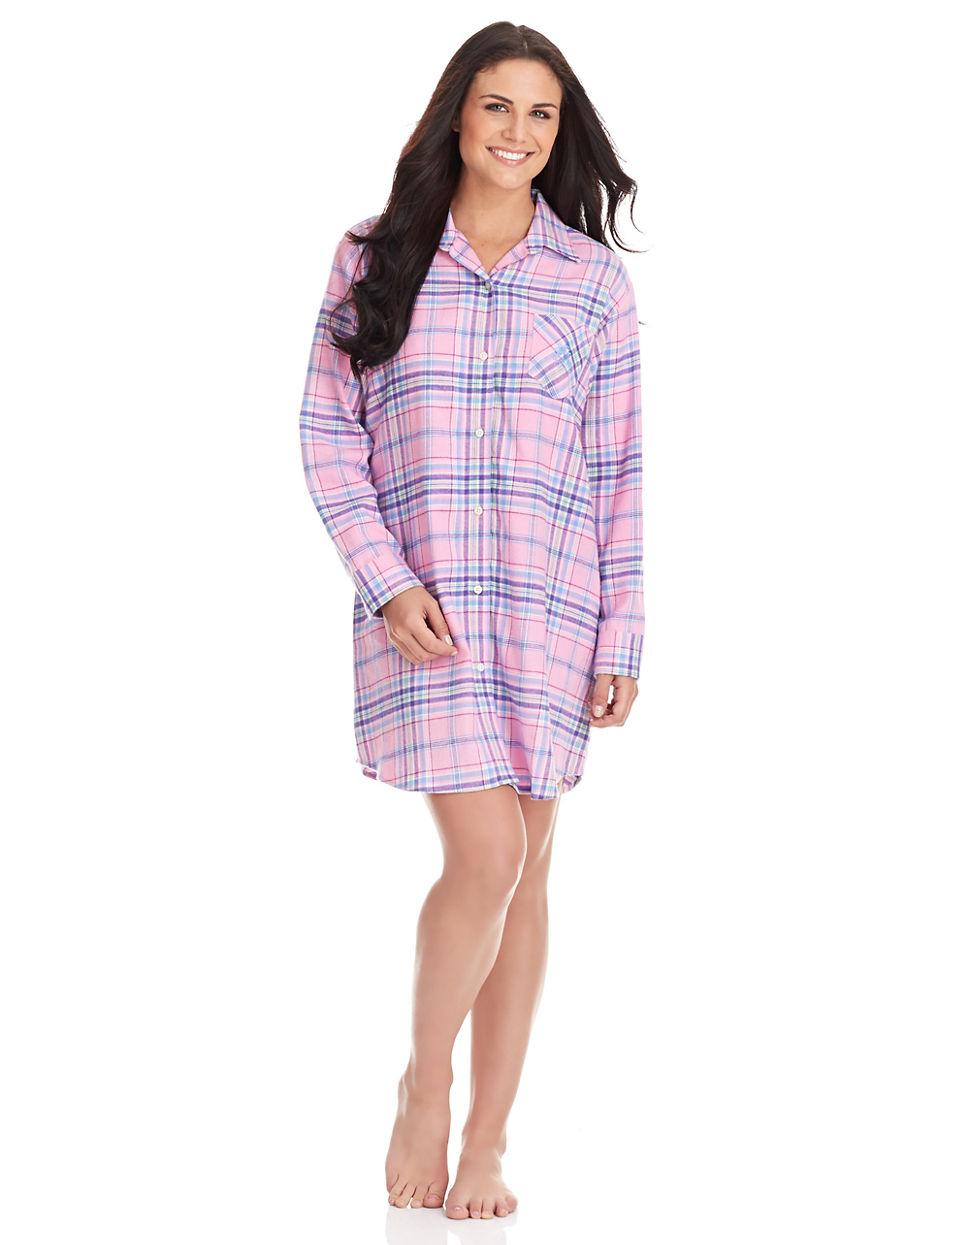 ralph lauren flannel sleep shirt - WörterSee Public Relations a631656bb